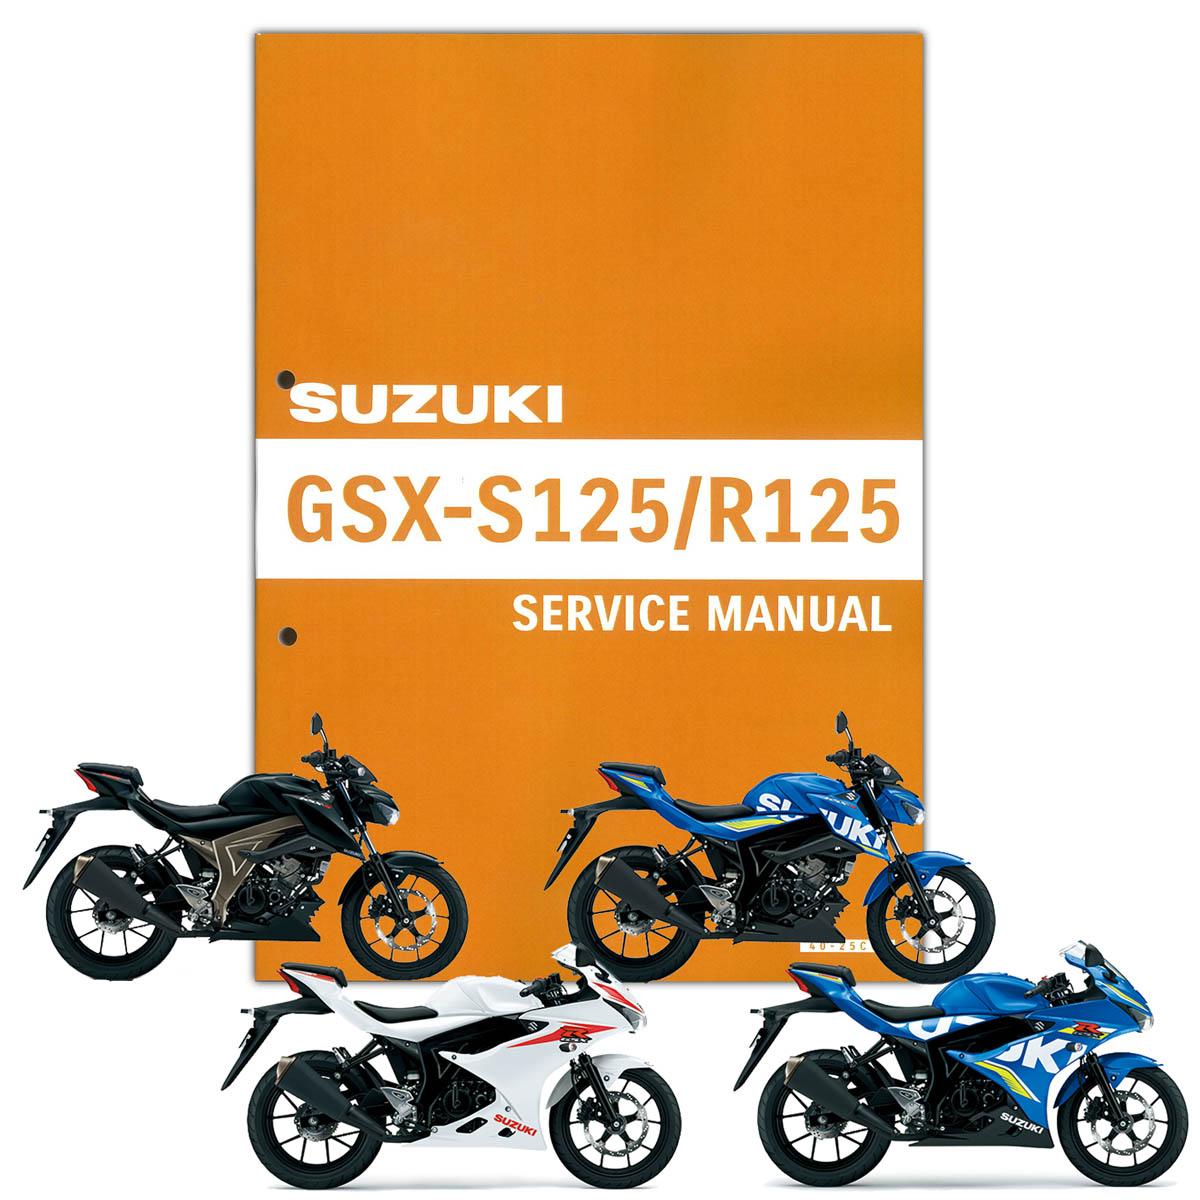 SUZUKI GSX-S125/GSX-R125 サービスマニュアル (S0040-25C62)